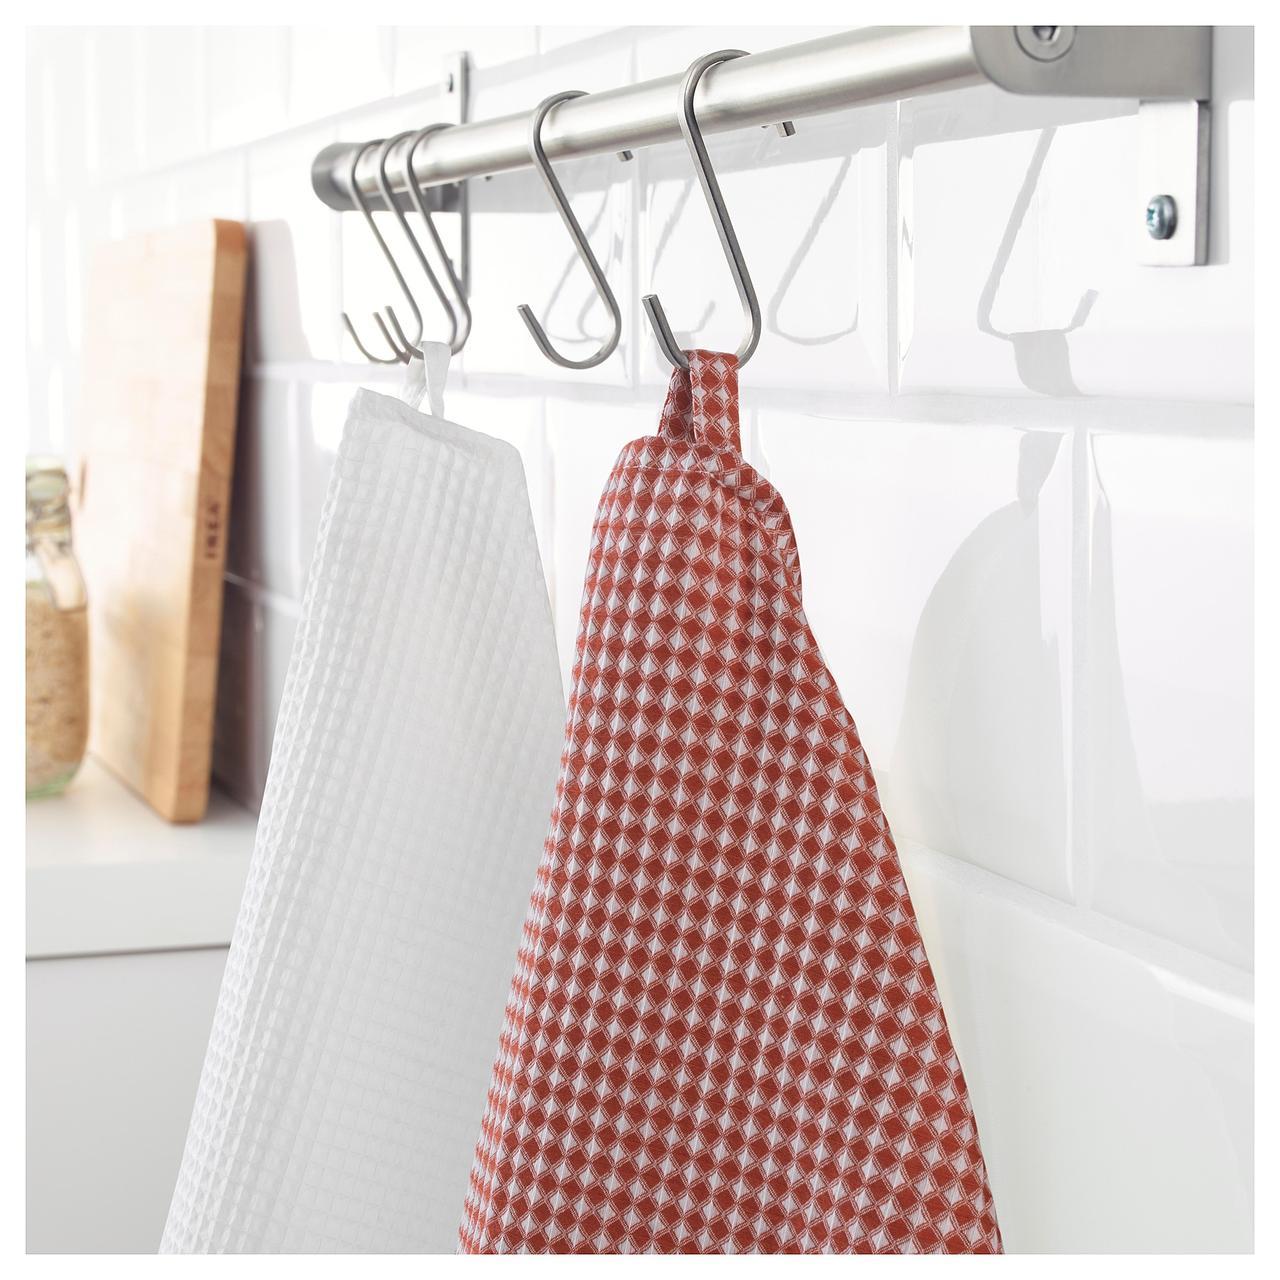 Полотенце кухонное IKEA TROLLPIL 50x70 см 2 шт белое красное 803.720.01